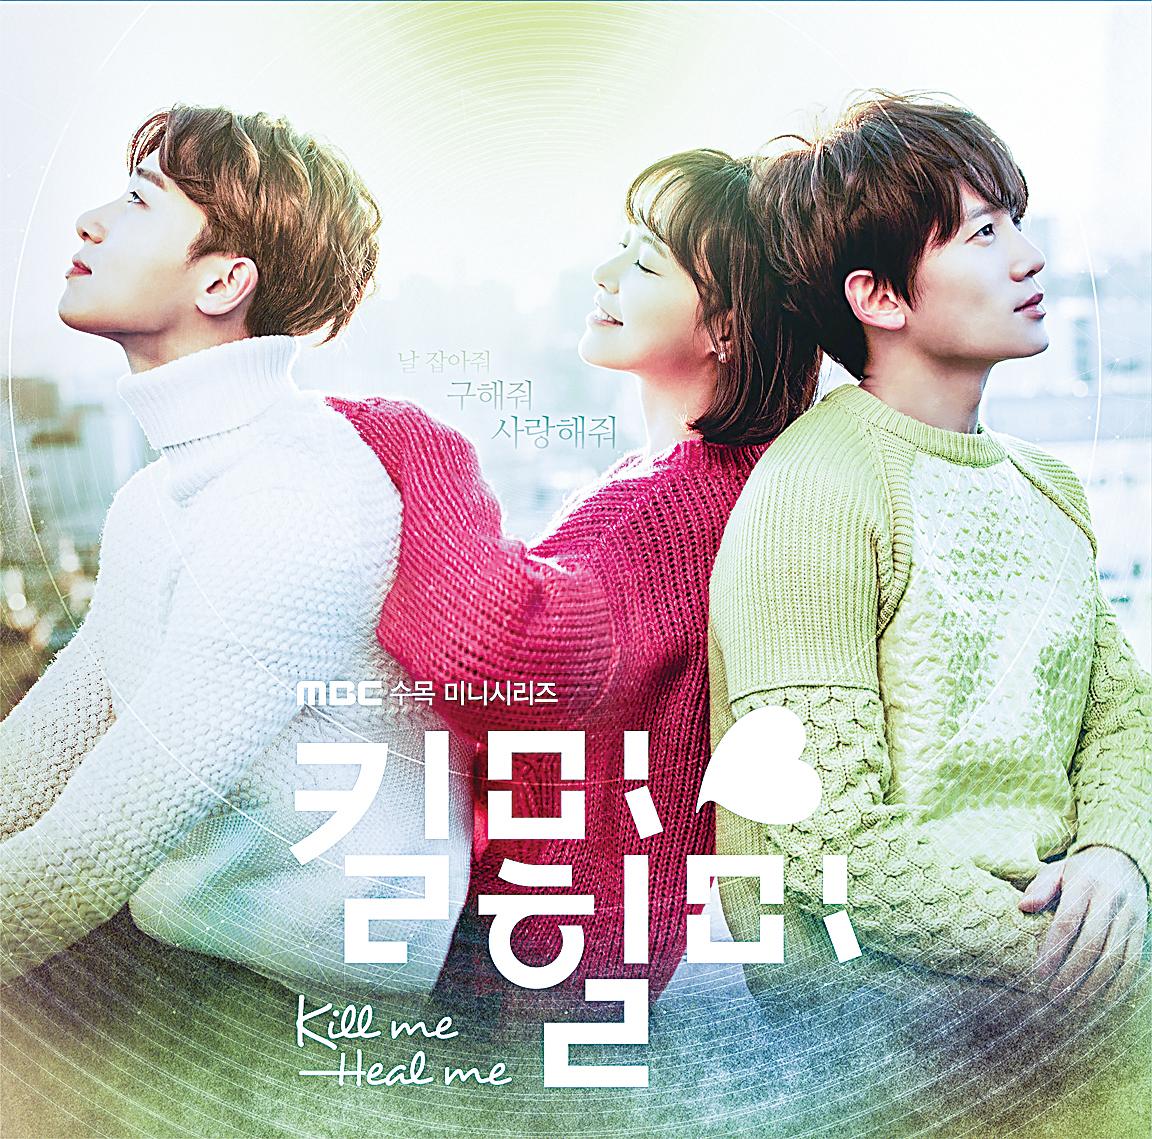 《愛上哪個我》在傳統韓劇感情線上延展社會問題,引發觀眾思考。